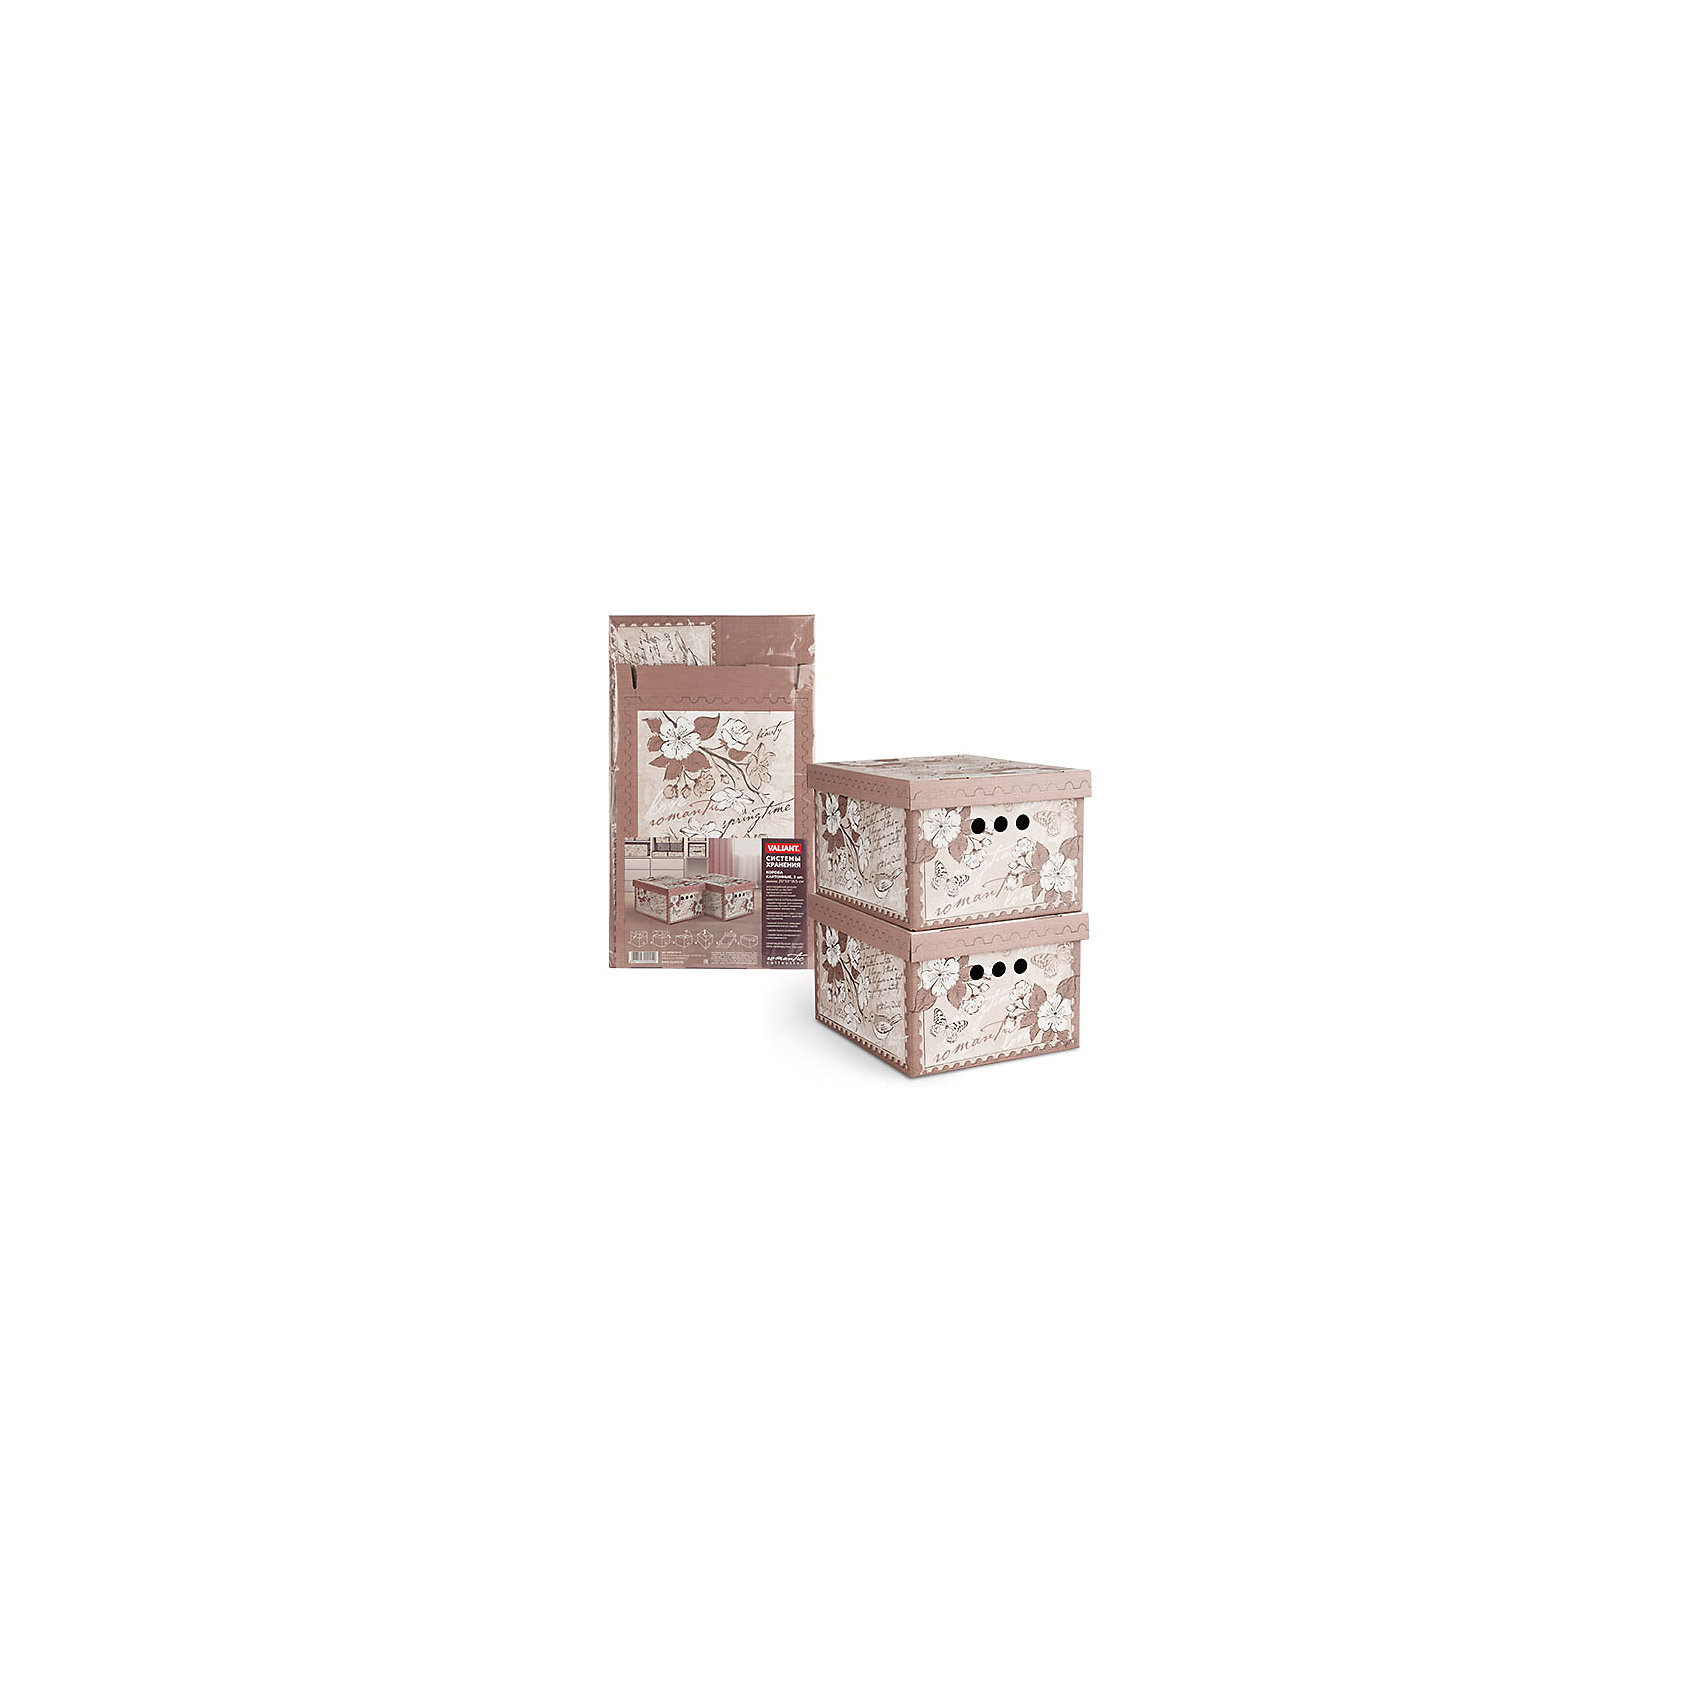 Короб картонный, складной, малый, 25*33*18.5 см, 2 шт., ROMANTIC, ValiantПорядок в детской<br>Короб картонный, складной, малый, 25*33*18.5 см, 2 шт., ROMANTIC, Valiant (Валиант) - это идеальное решение для хранения вещей.<br>Складные картонные короба ROMANTIC от Valiant (Валиант) идеально подходят для хранения различных бытовых предметов, аксессуаров и одежды. Они изготовлены микрогофрокартона. Прорезные ручки с двух сторон коробов обеспечивают удобство при переноске. Крышки эстетично закрывает содержимое внутри коробов. Изделия отличаются мобильностью: легко раскладываются и складываются. Короба можно штабелировать. Картонные короба ROMANTIC оформлены оригинальным нежным, изящным рисунком, который гармонично смотрится в женском гардеробе. Короба ROMANTIC от Valiant (Валиант) создадут трогательную атмосферу романтического настроения и станут незаменимым аксессуаром.<br><br>Дополнительная информация:<br><br>- В наборе: 2 шт.<br>- Размер: 25х33х18,5 см.<br>- Материал: микрогофрокартон<br>- Цвет: пепельно-розовый<br><br>Короб картонный, складной, малый, 25*33*18.5 см, 2 шт., ROMANTIC, Valiant (Валиант) можно купить в нашем интернет-магазине.<br><br>Ширина мм: 340<br>Глубина мм: 15<br>Высота мм: 580<br>Вес г: 425<br>Возраст от месяцев: 36<br>Возраст до месяцев: 1080<br>Пол: Унисекс<br>Возраст: Детский<br>SKU: 4993459